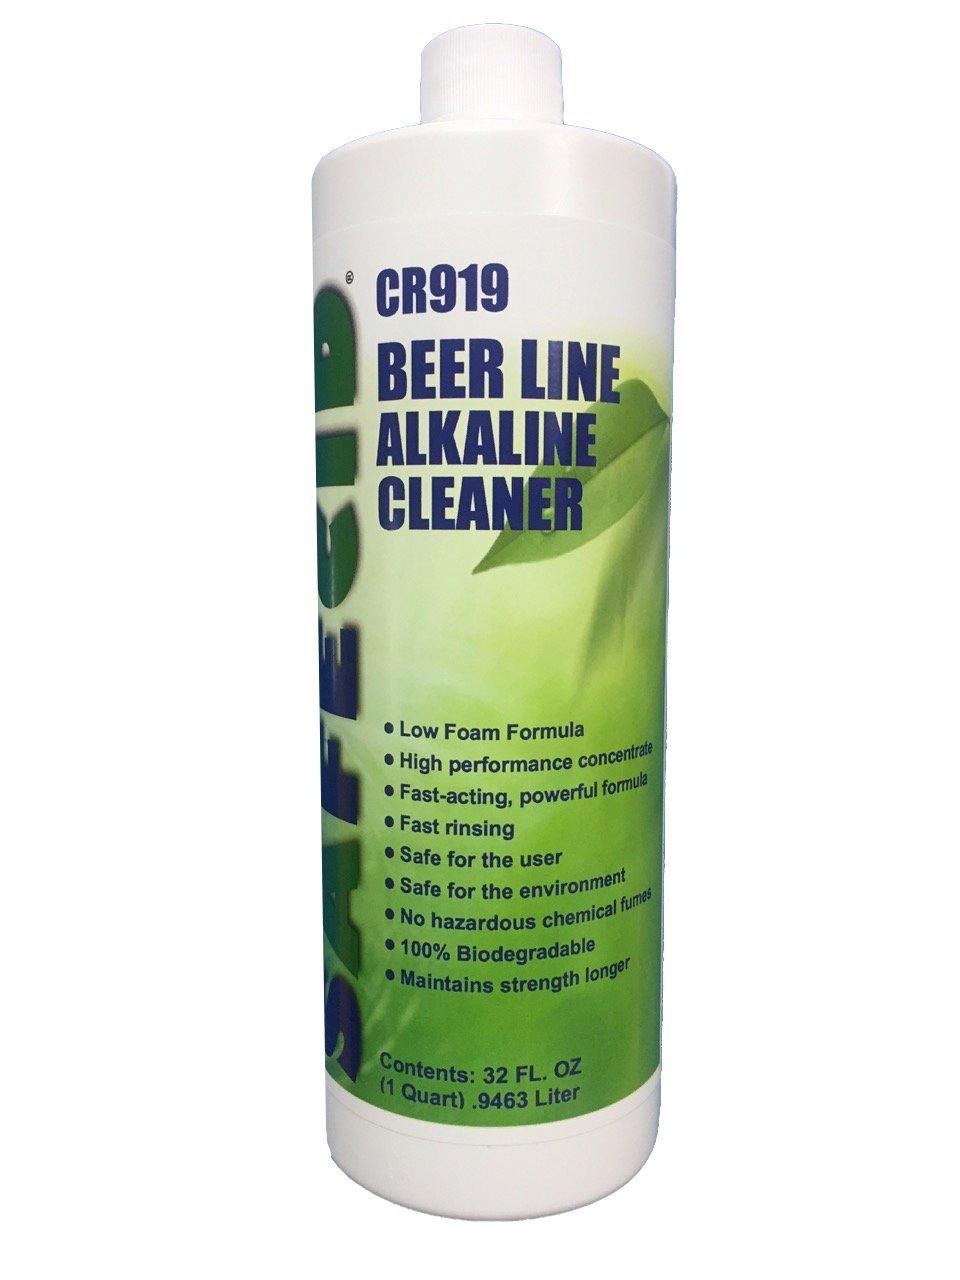 Beer Line Alkaline Cleaner